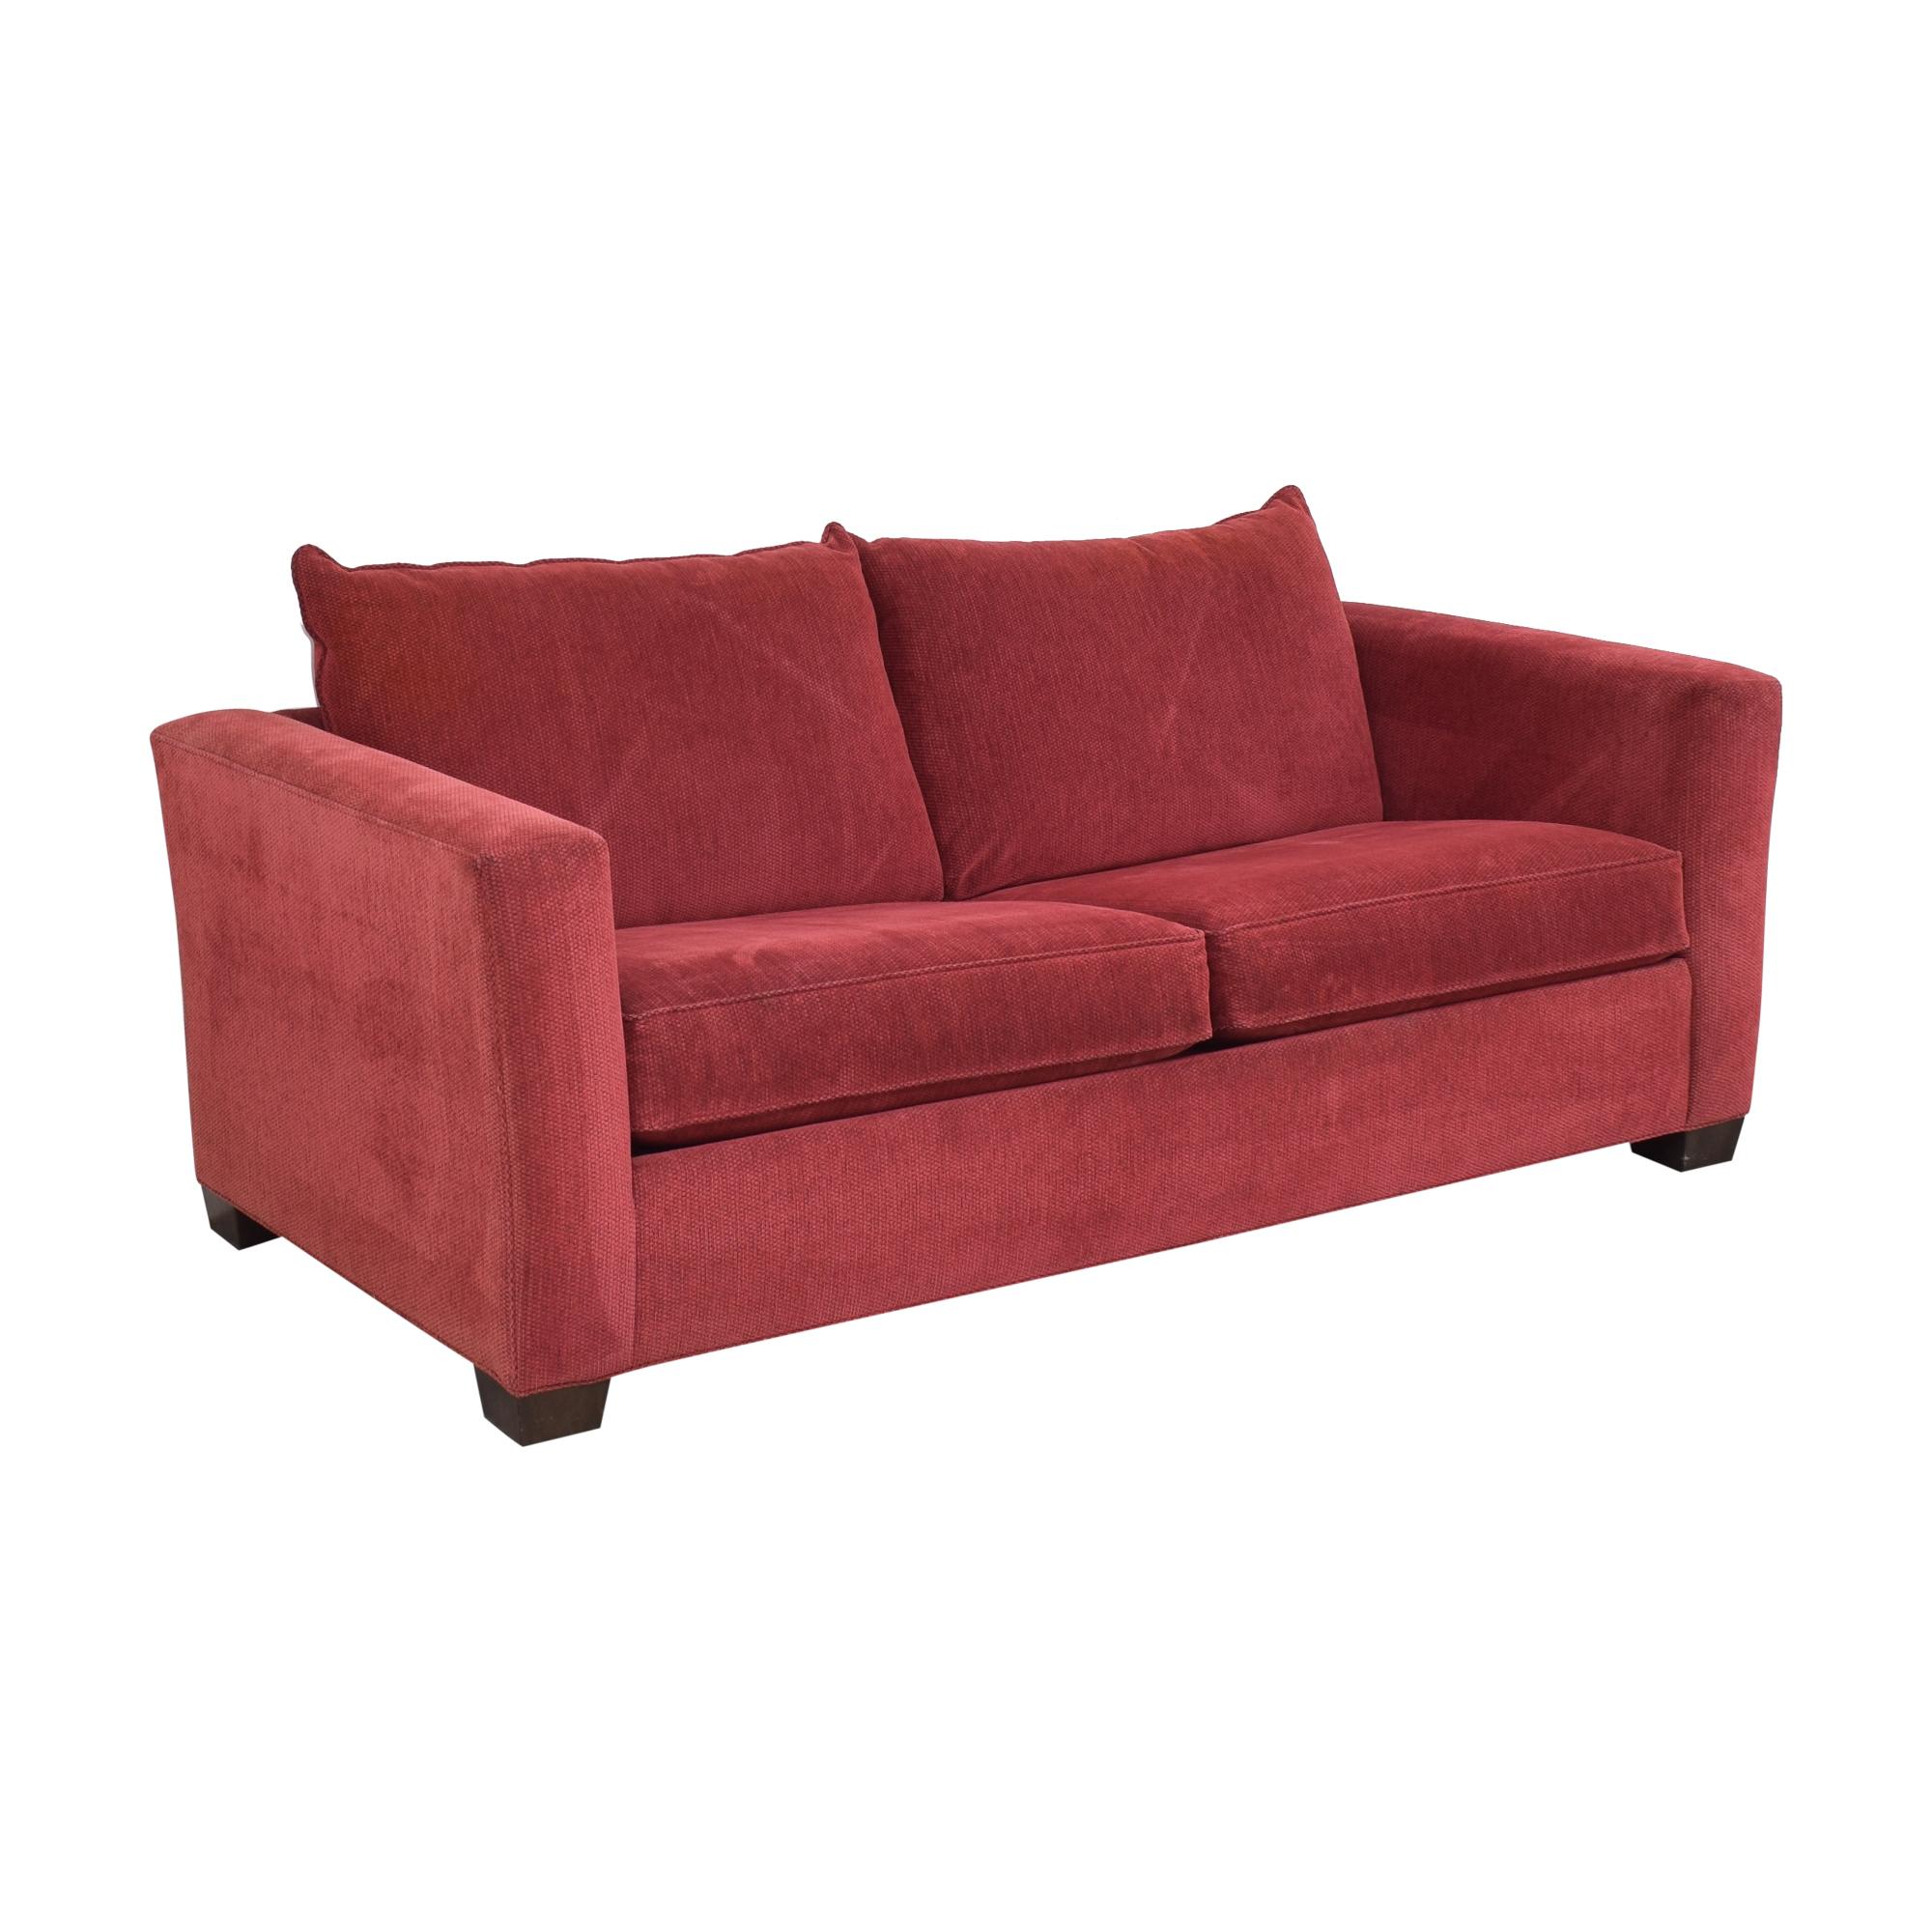 Ethan Allen Hampton Queen Sleeper Sofa sale